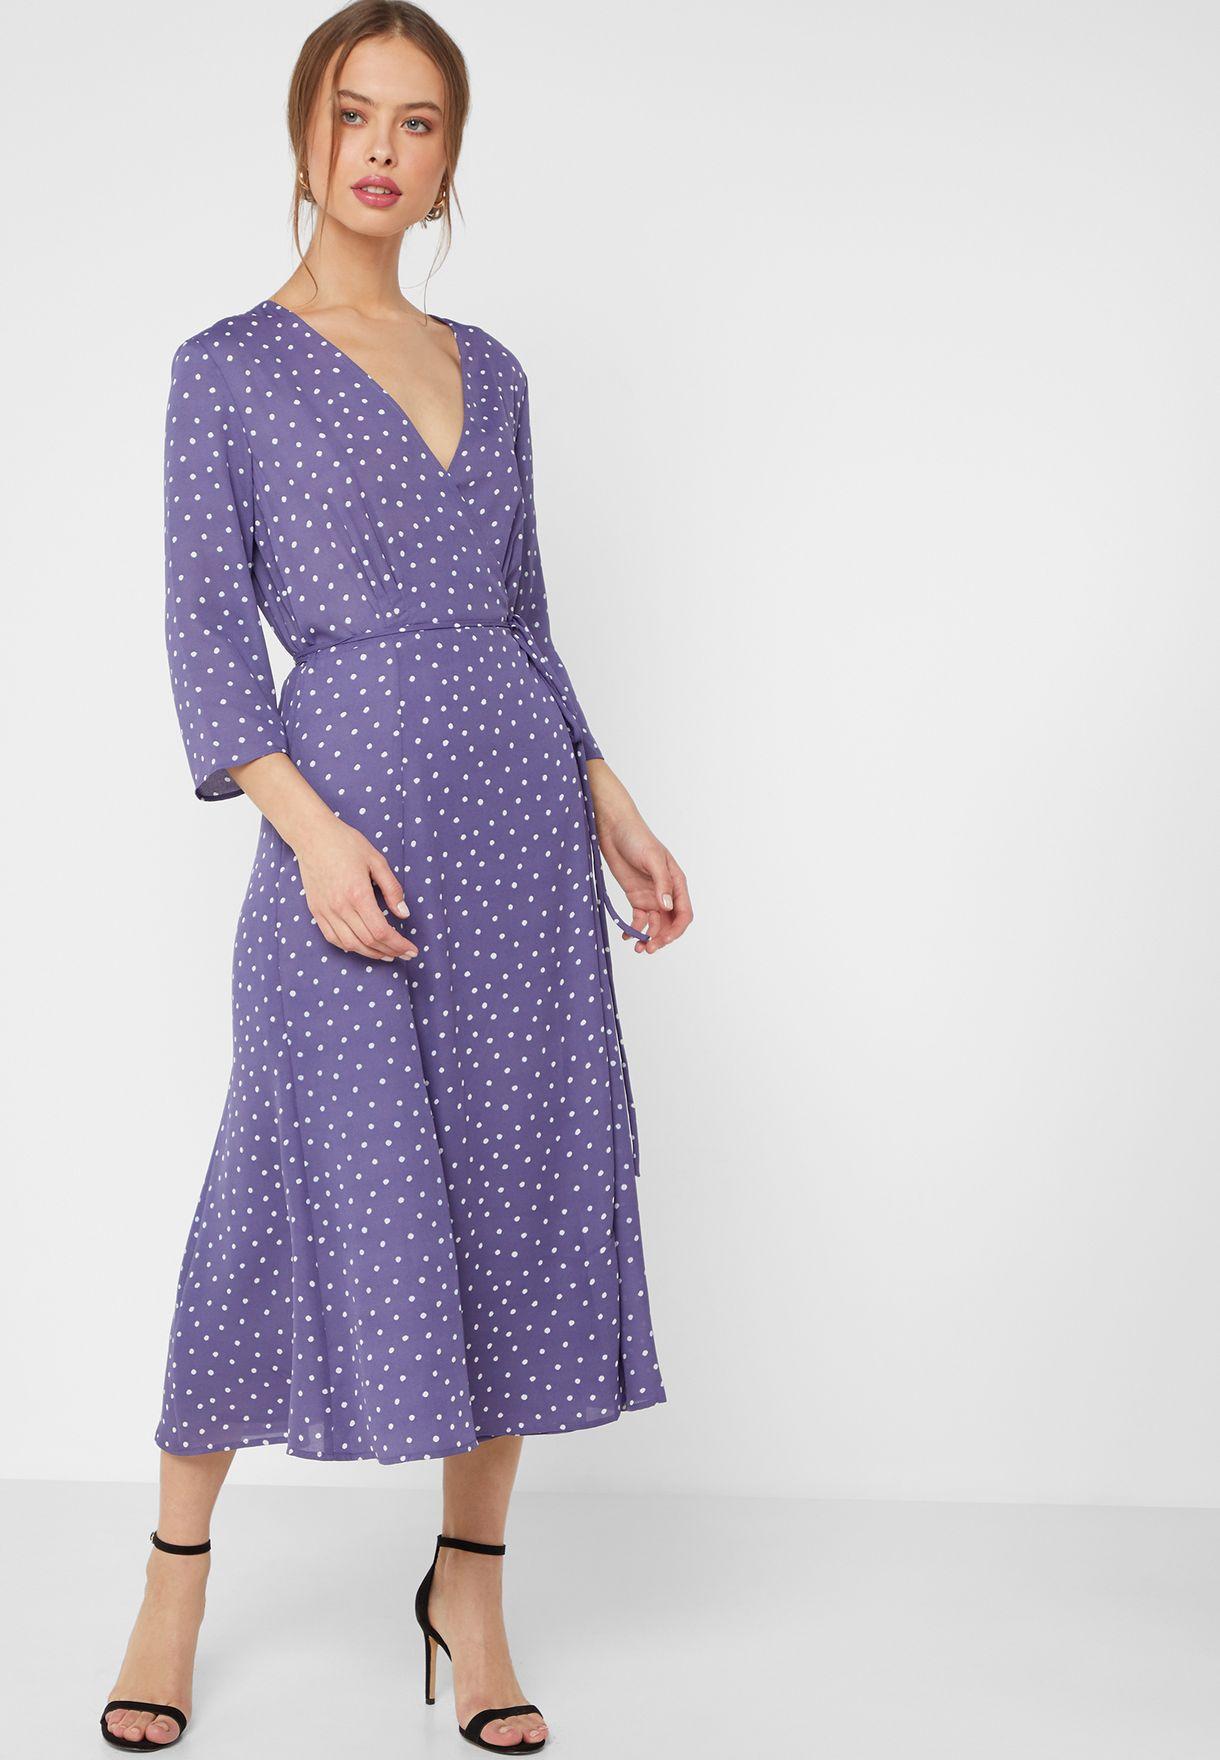 3322761d33 Shop Mango prints Polka Dot Wrap Dress 43063714 for Women in Kuwait -  18840AT13LTP